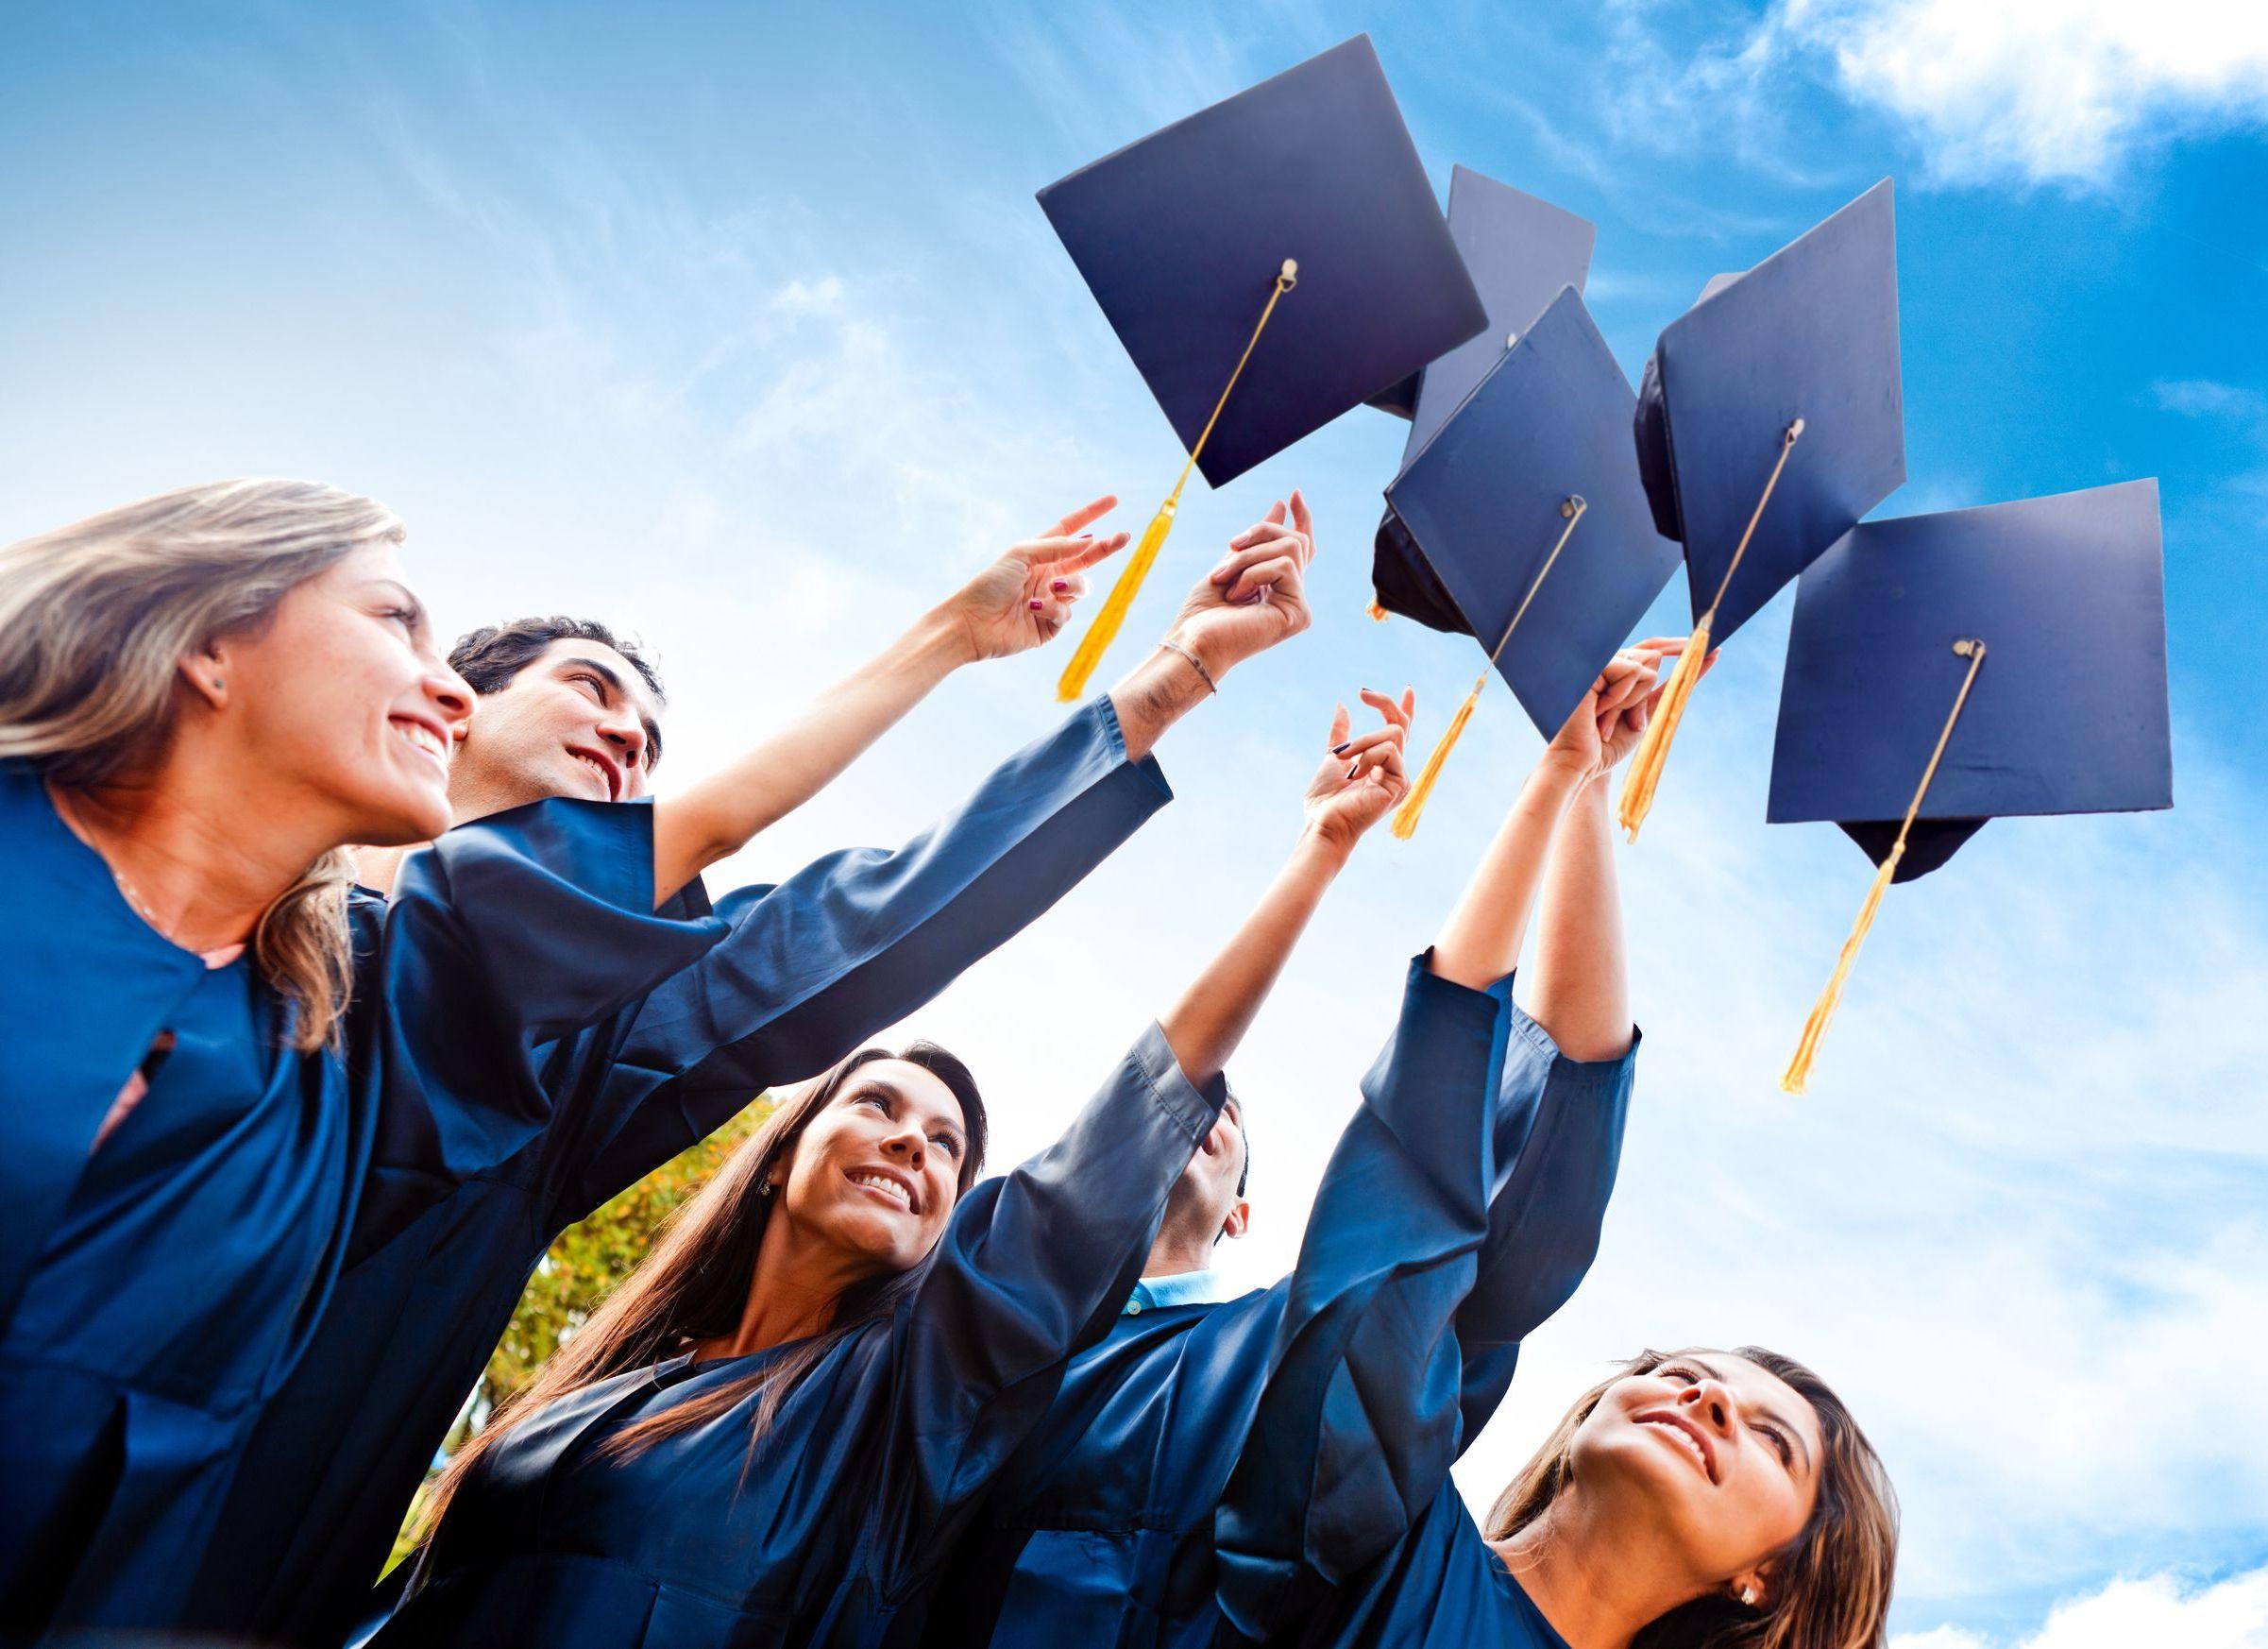 Khái niệm học bổng, Khái niệm học bổng và những điều kiện để nhận học bổng